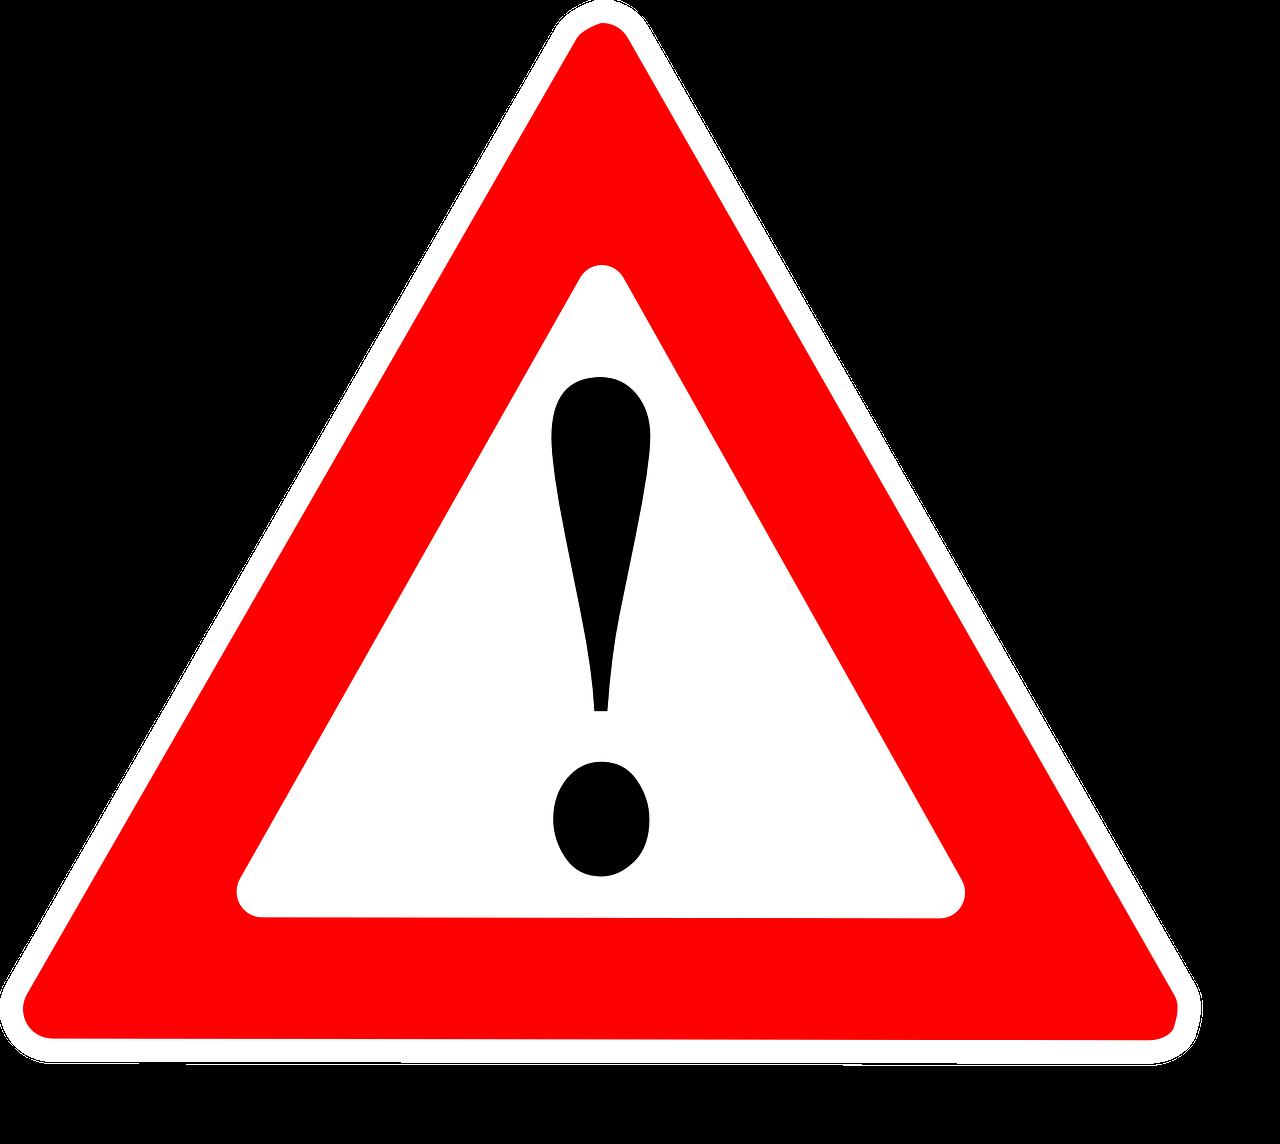 Warnsymbol für Aktuelles